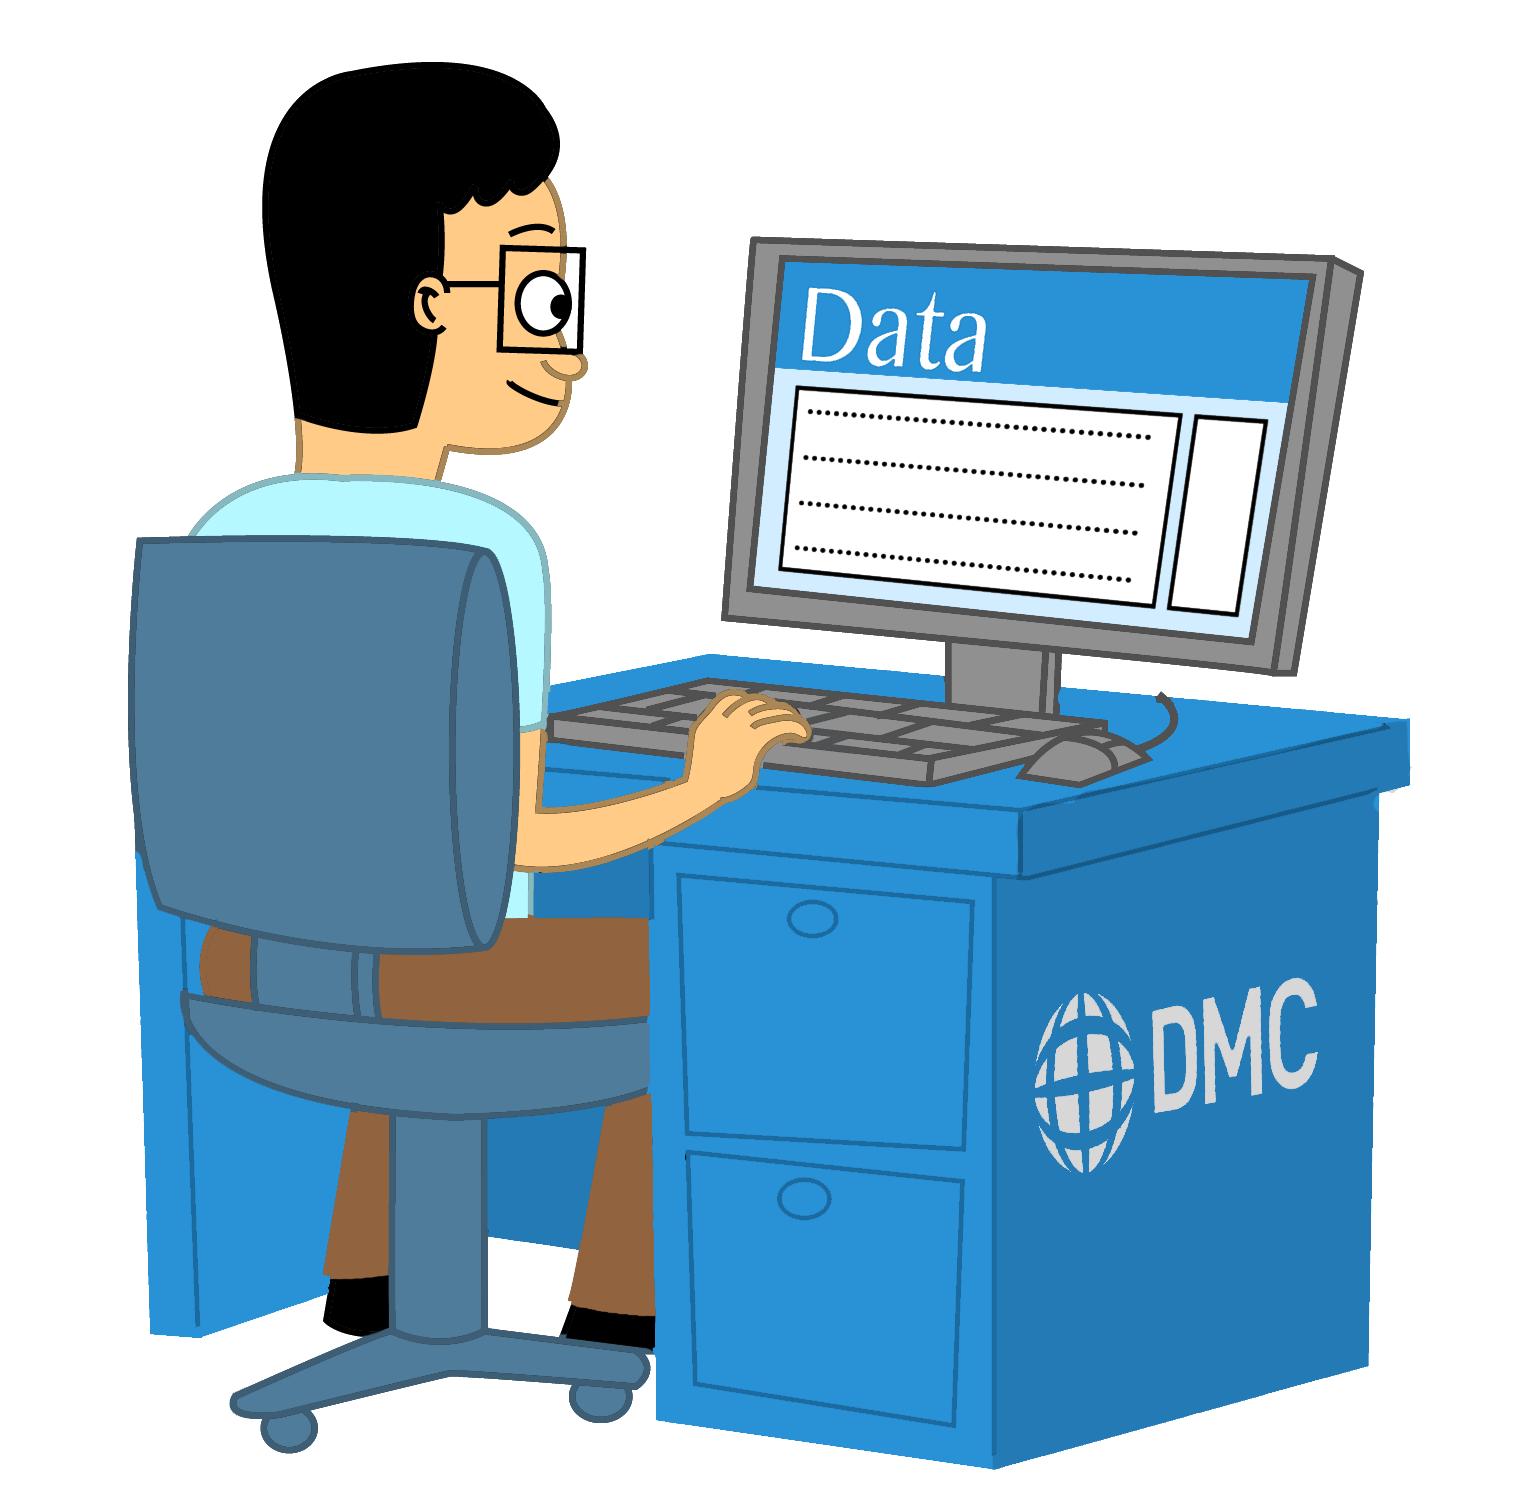 DMC_3a